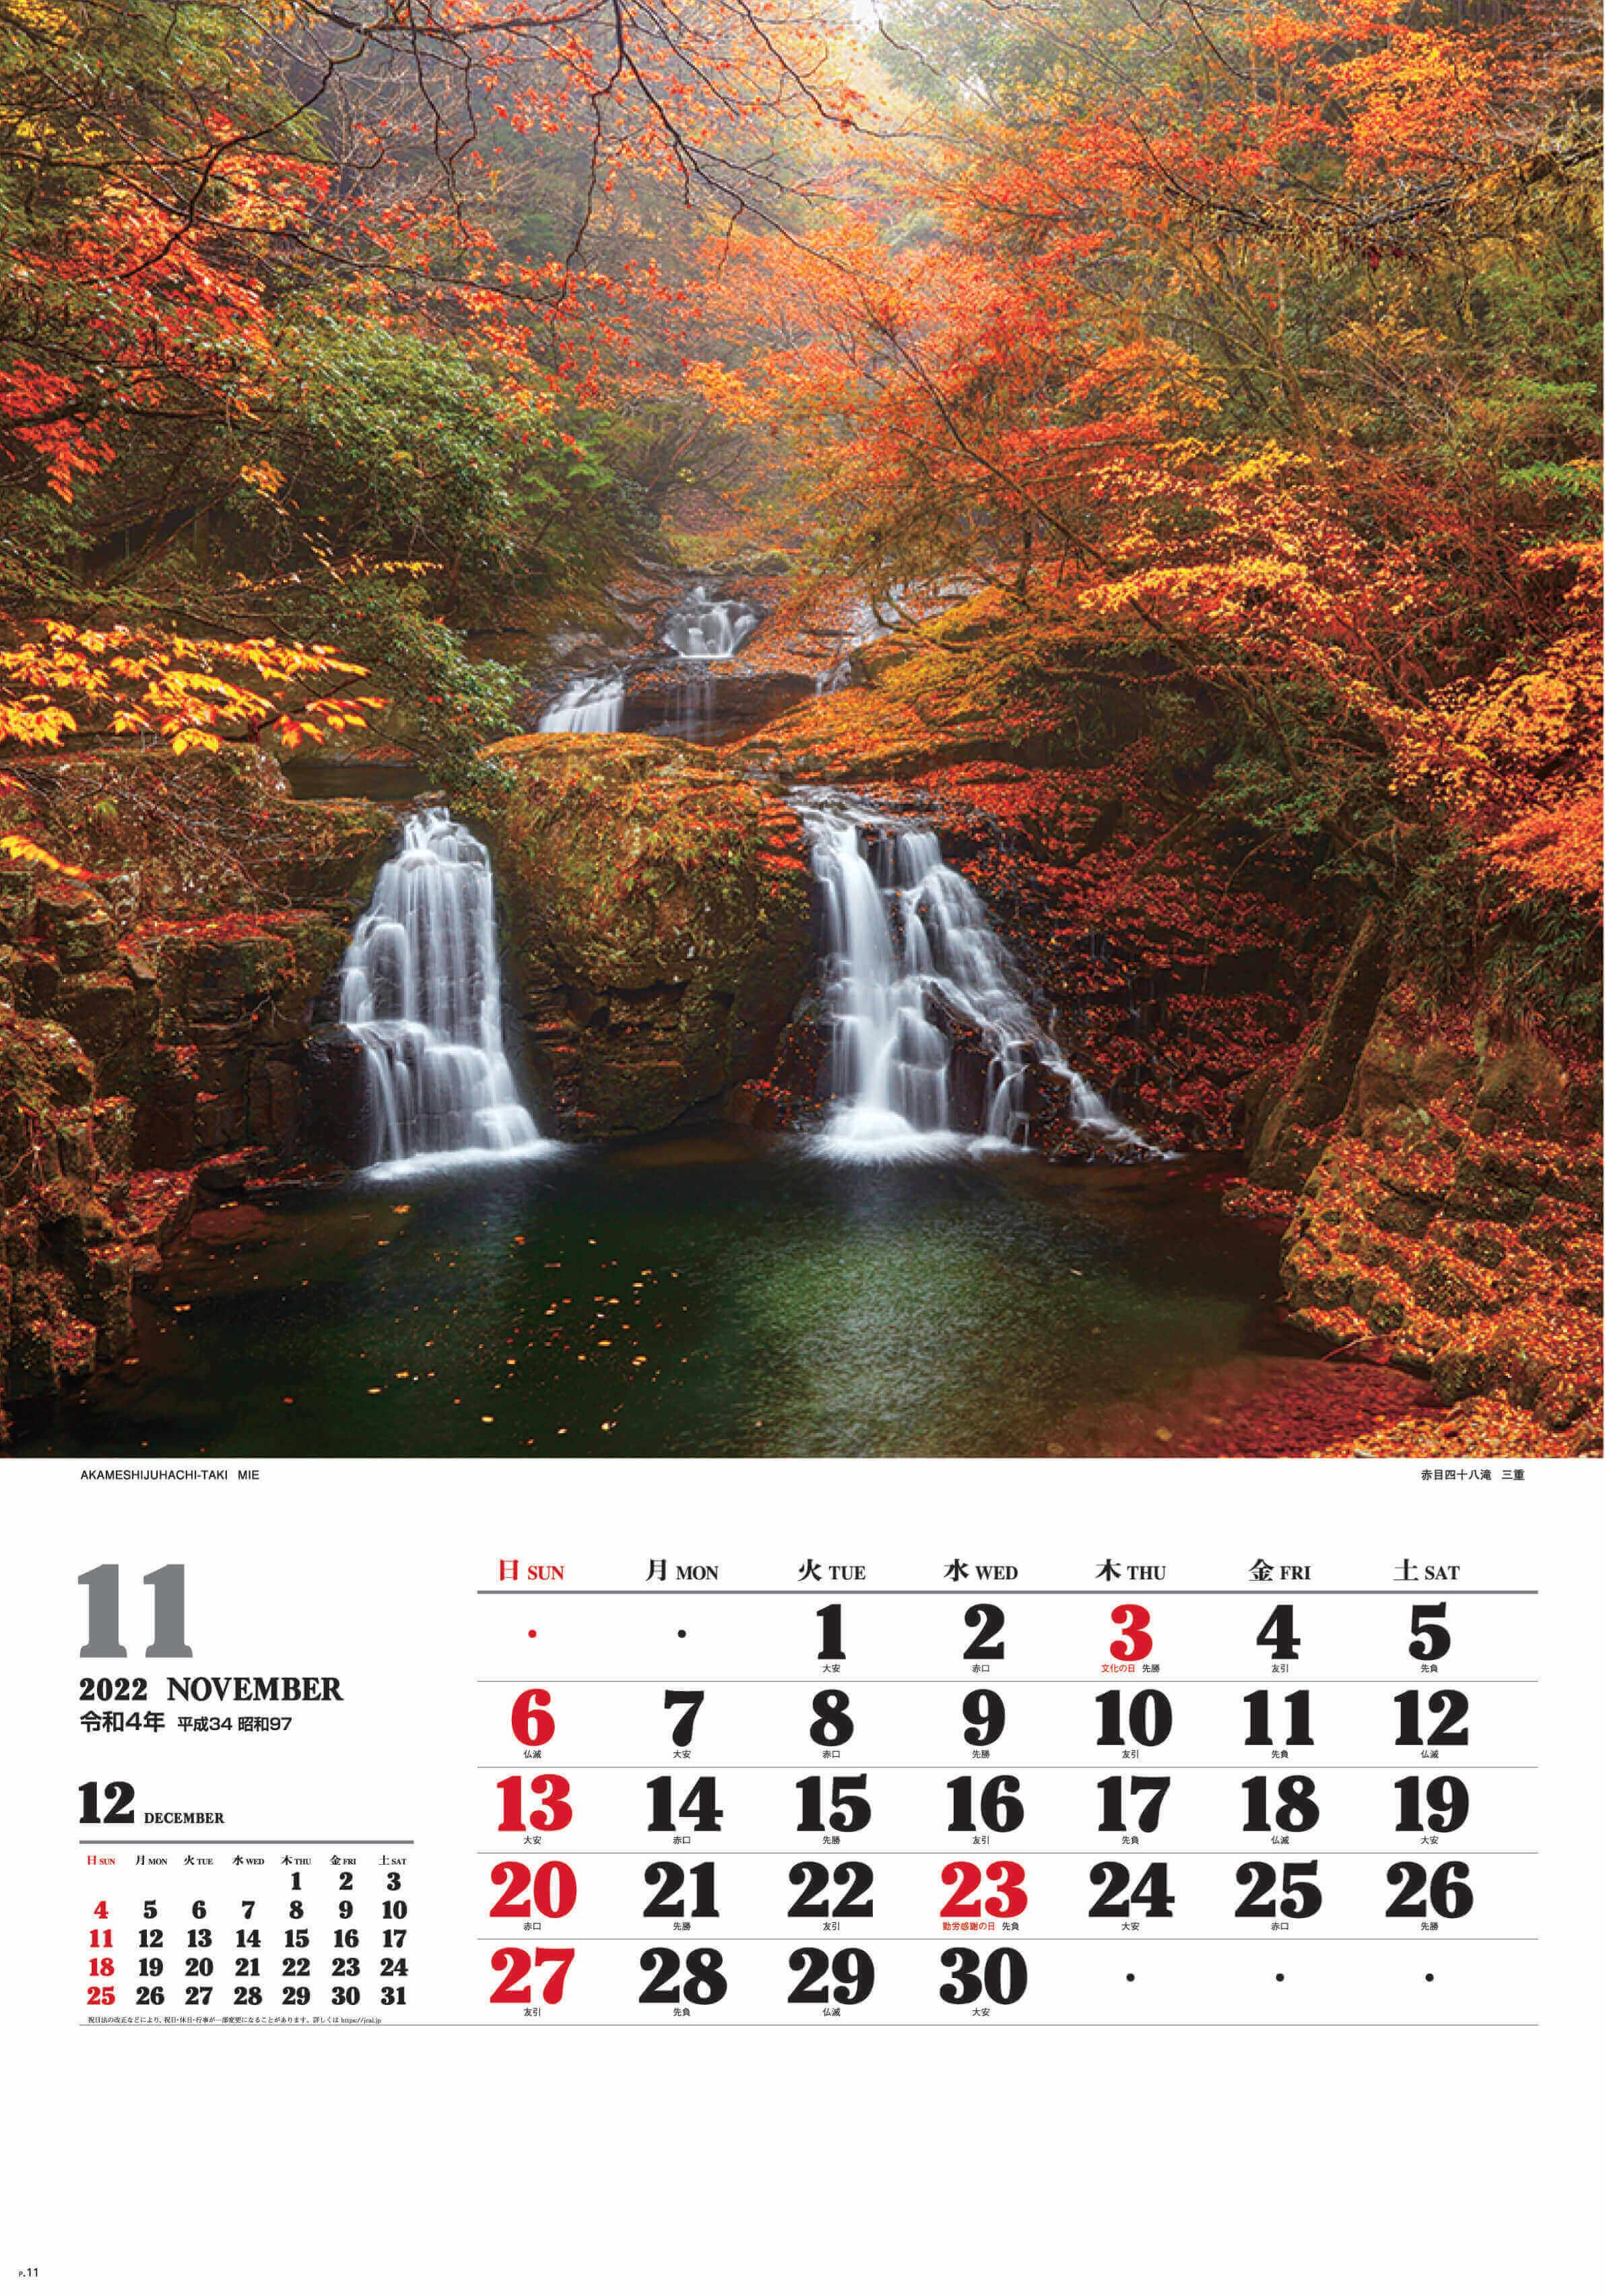 11月 赤目四十八滝(三重) ワイドニッポン十二選(フィルムカレンダー) 2022年カレンダーの画像